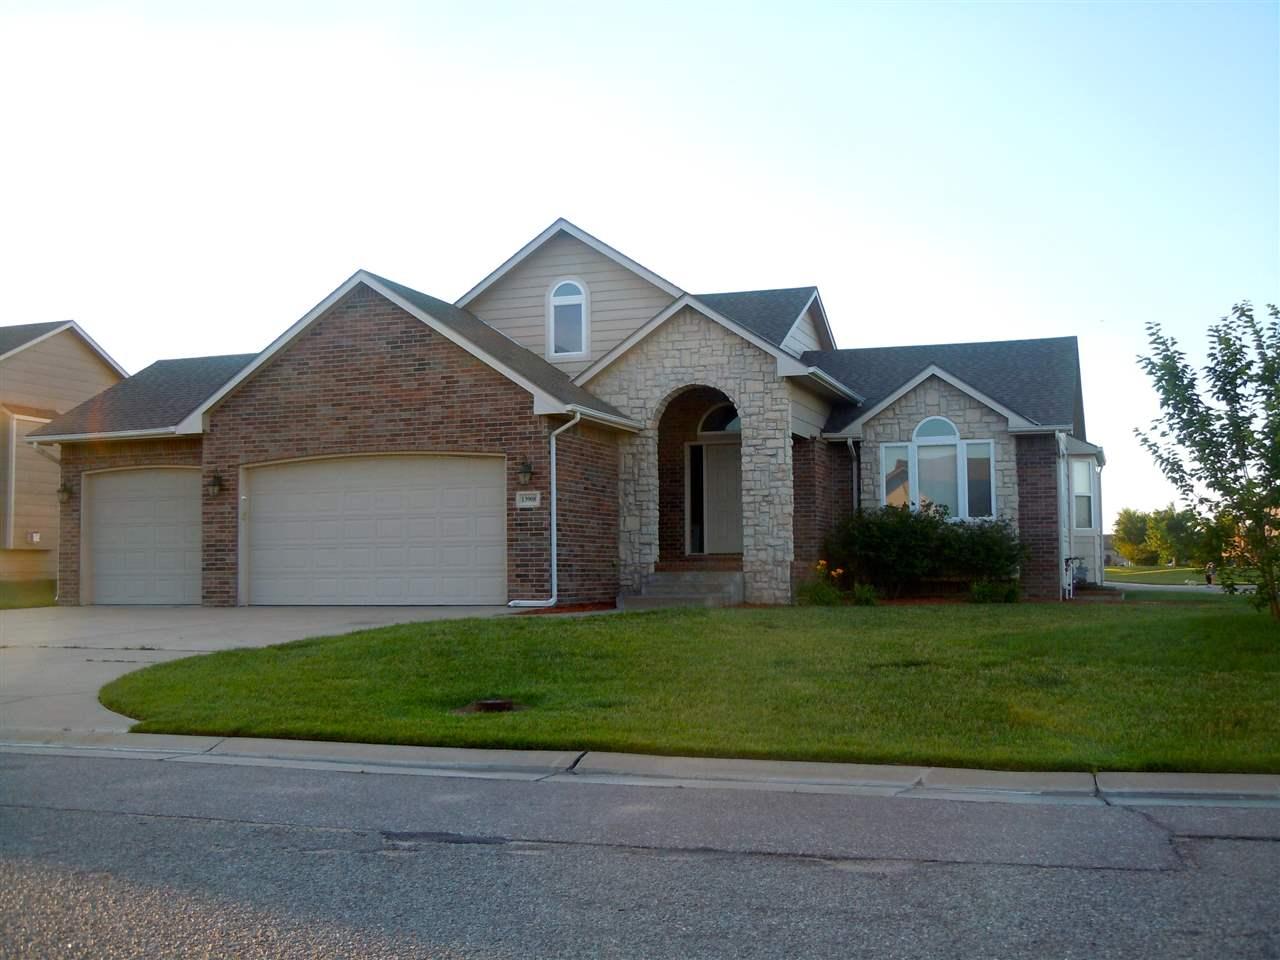 13908 E 22nd St N, Wichita, KS 67226